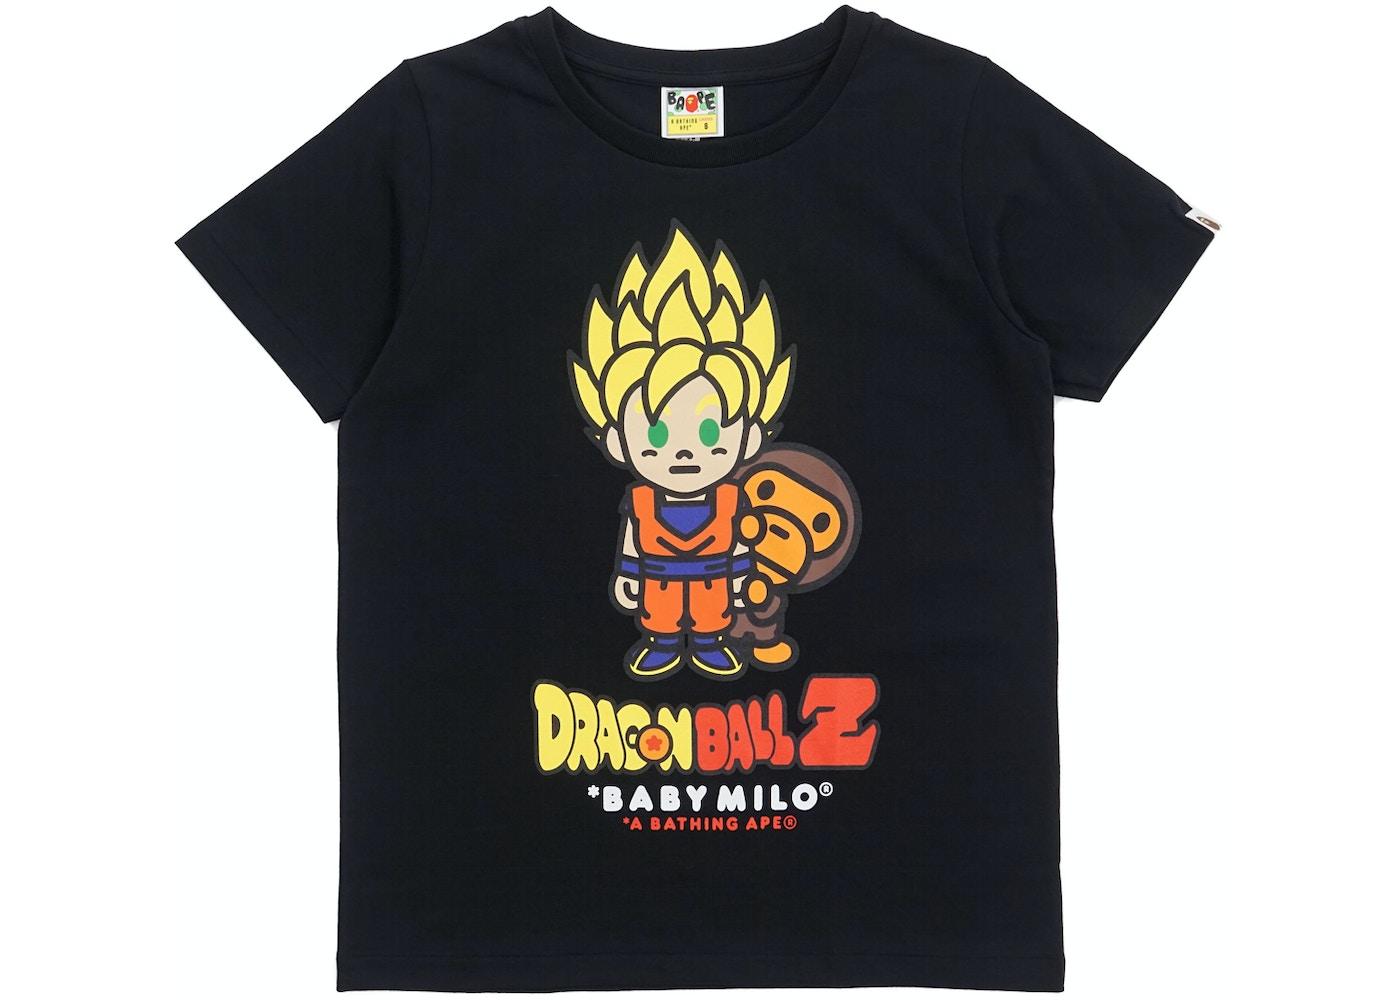 BAPE Dragon Ball Z Super Saiyan Goku Baby Milo Tee (Ladies